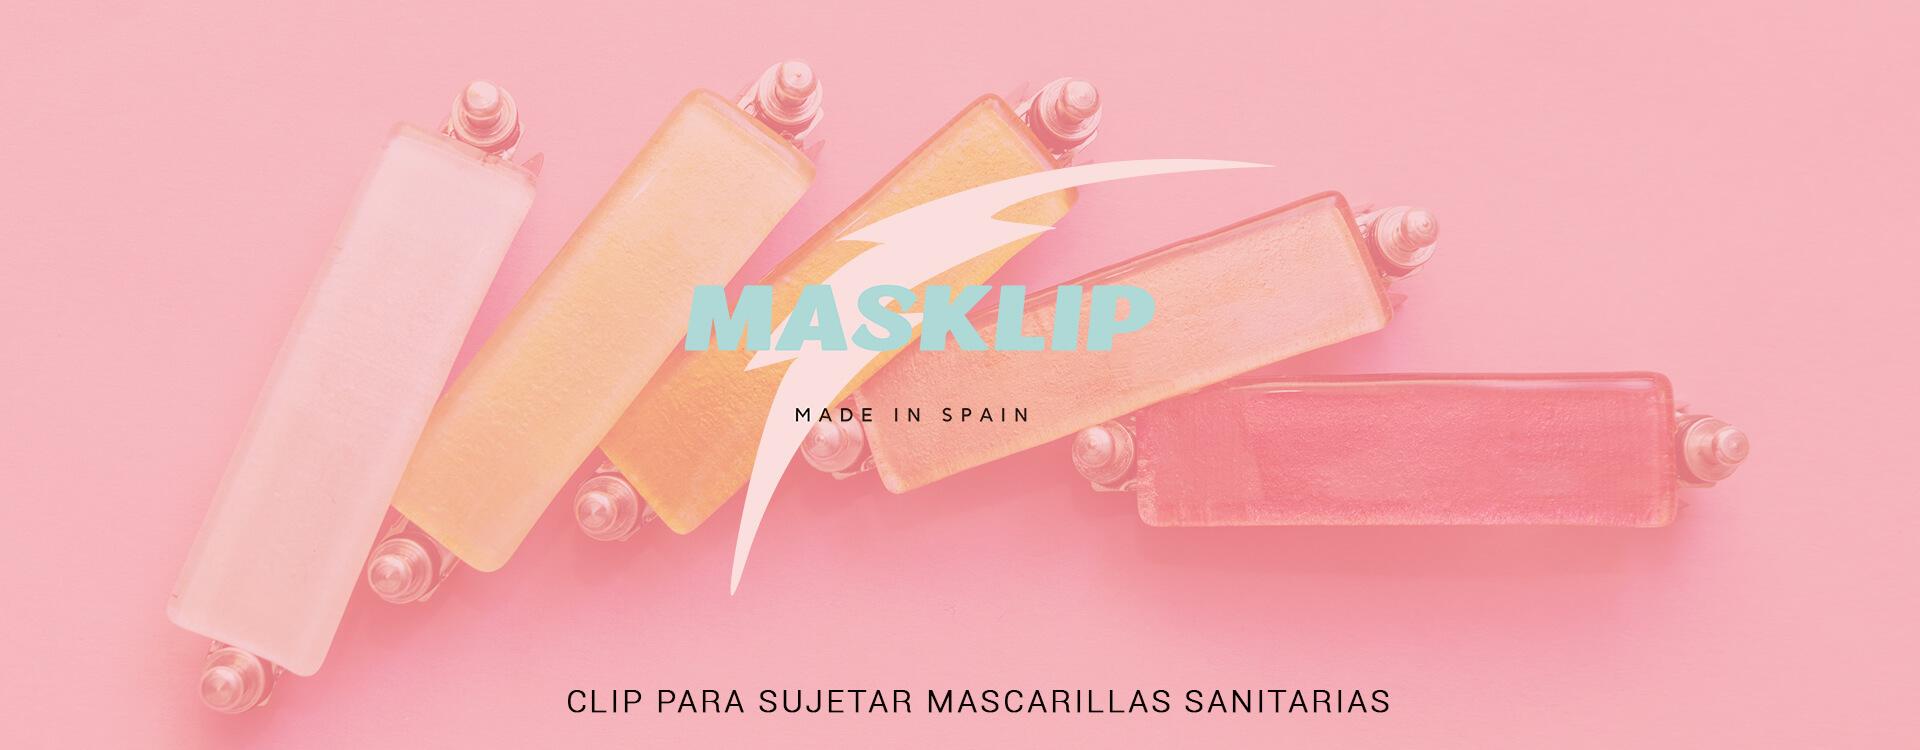 Masklip